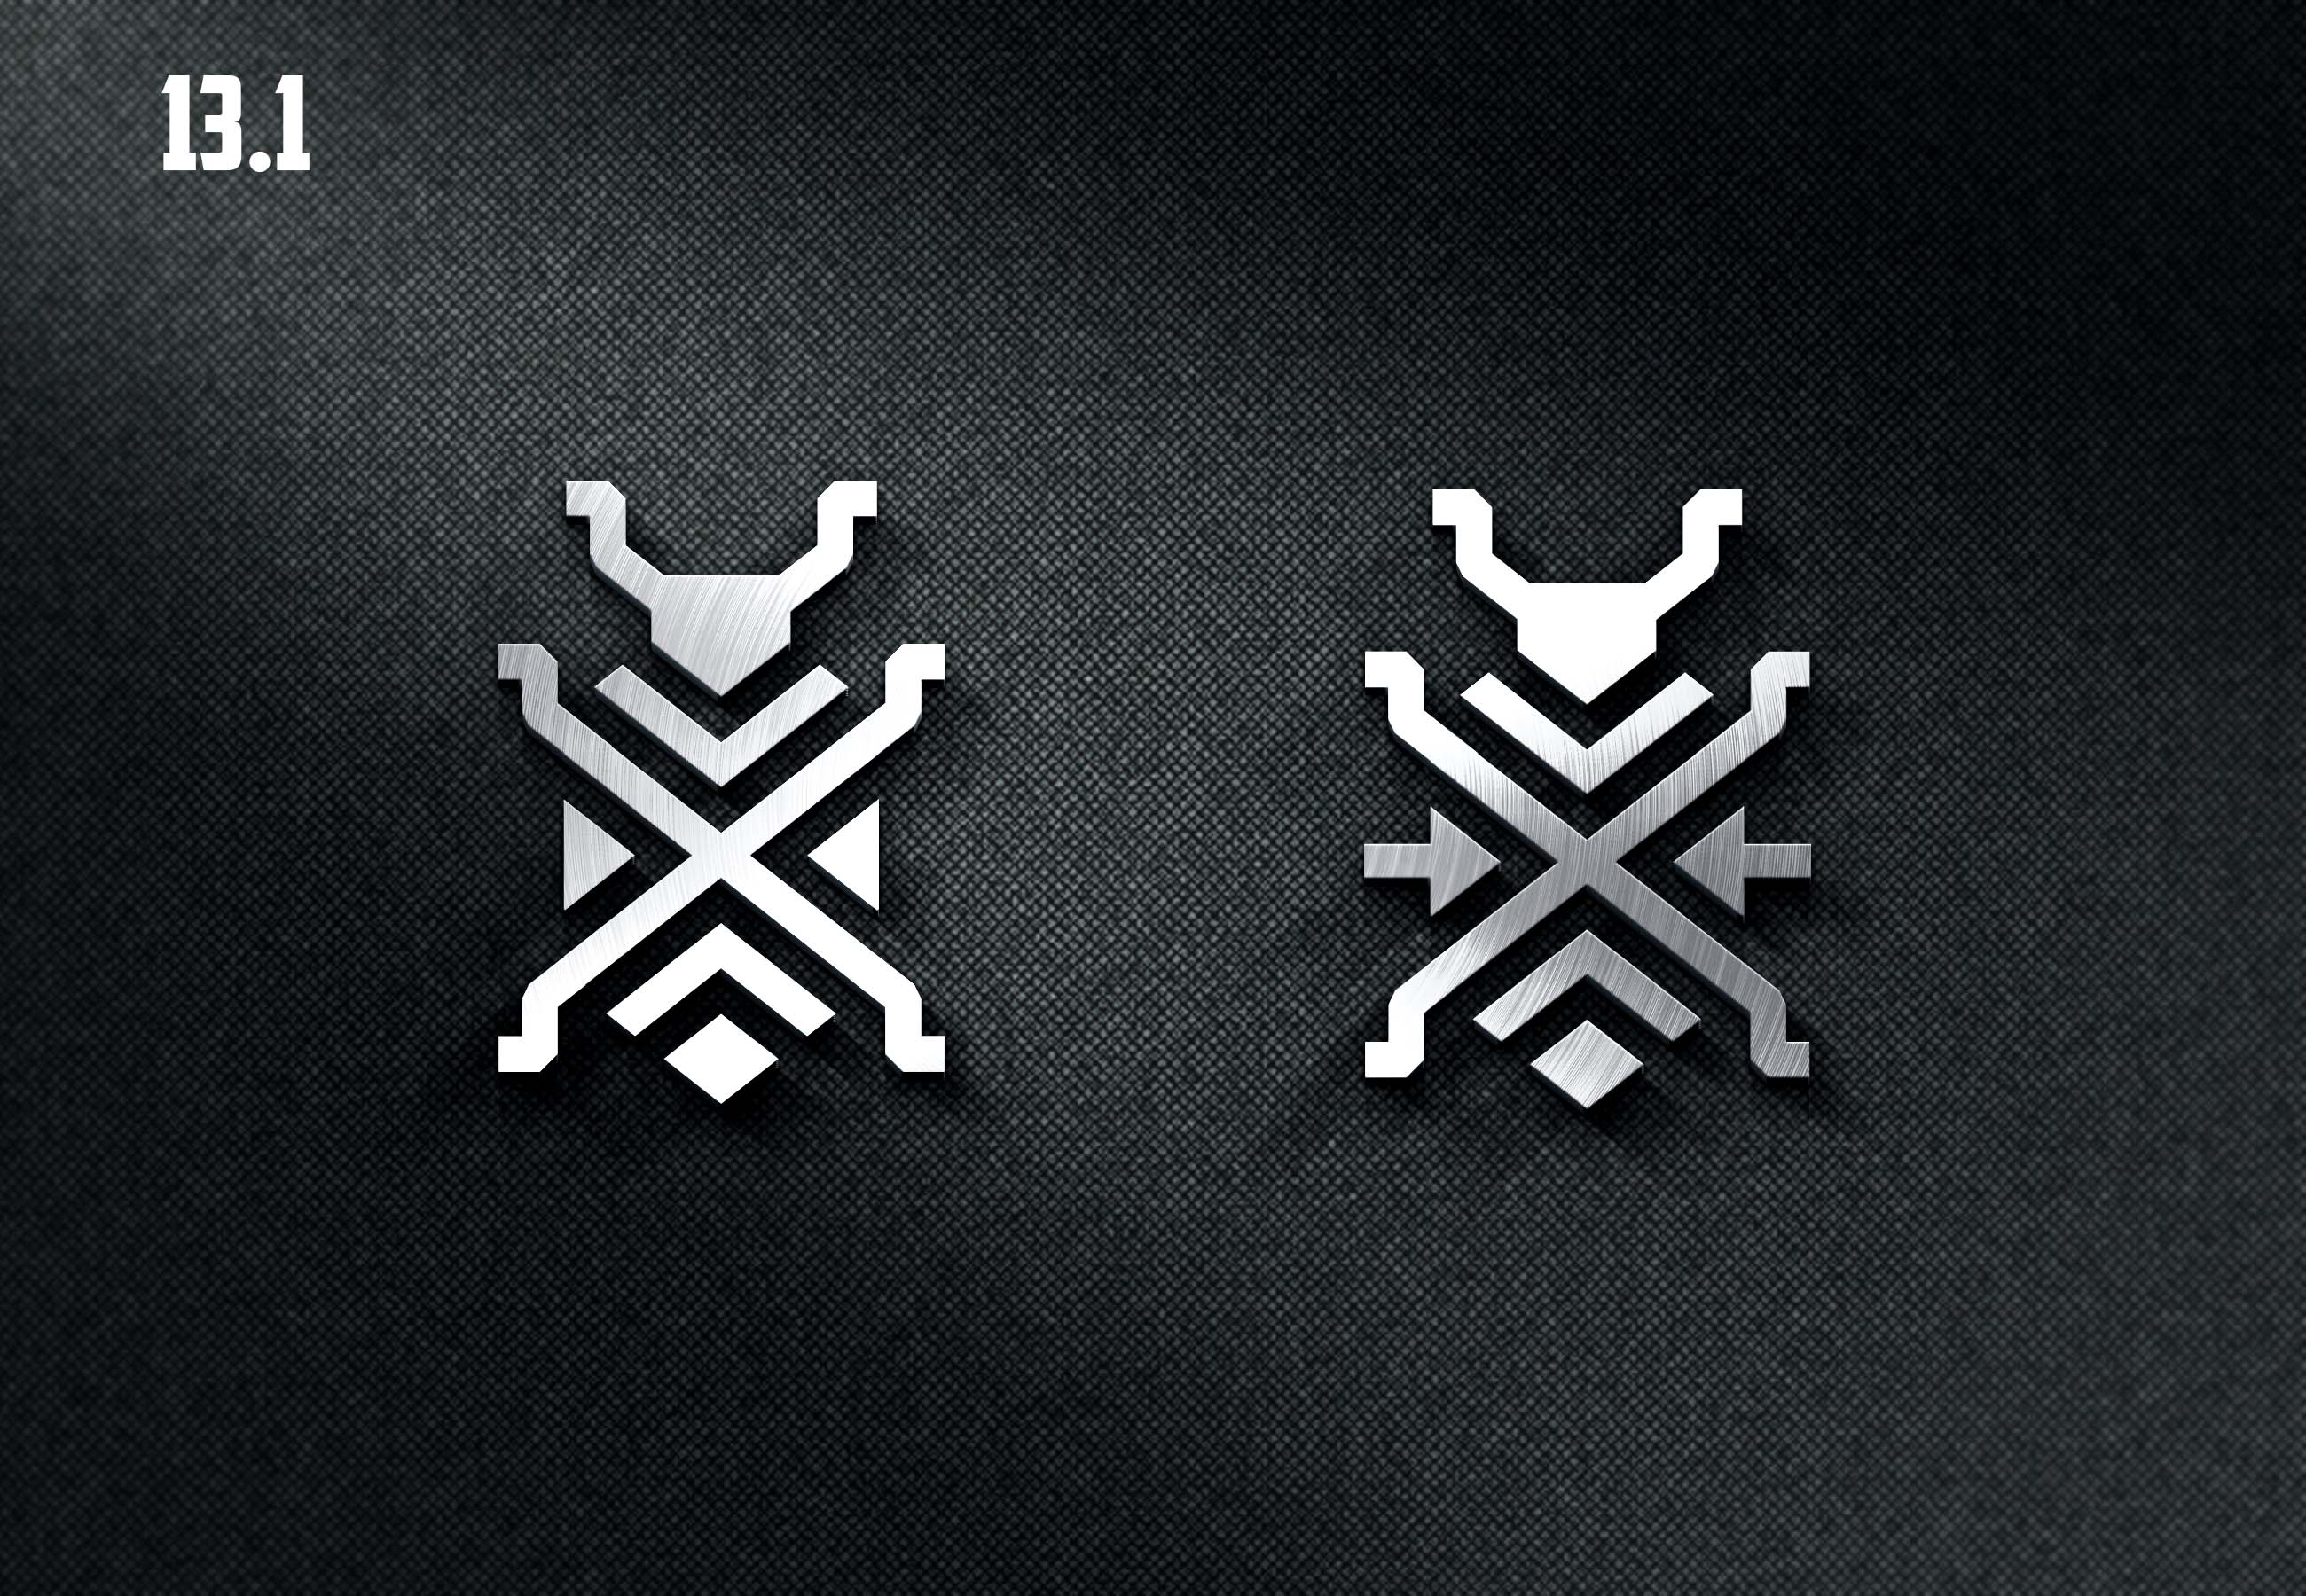 Нужен логотип (эмблема) для самодельного квадроцикла фото f_4965b1033e2dd387.jpg